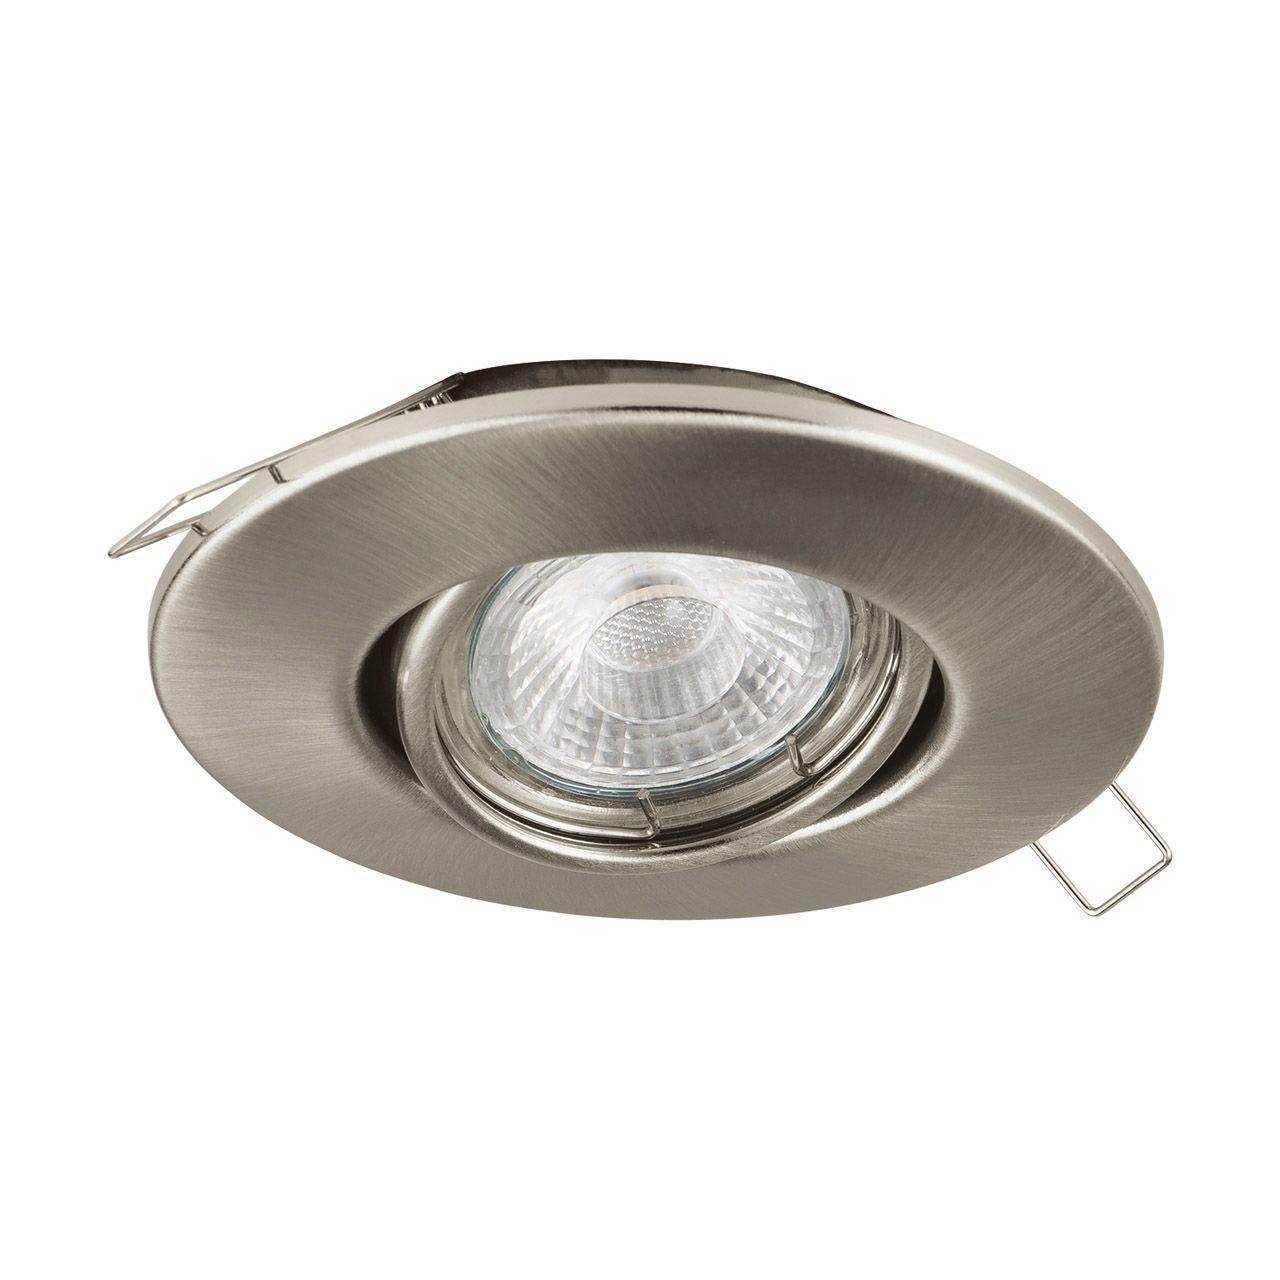 Встраиваемый светодиодный светильник Eglo Tedo 1 95356 встраиваемый светодиодный светильник eglo tedo 1 95356